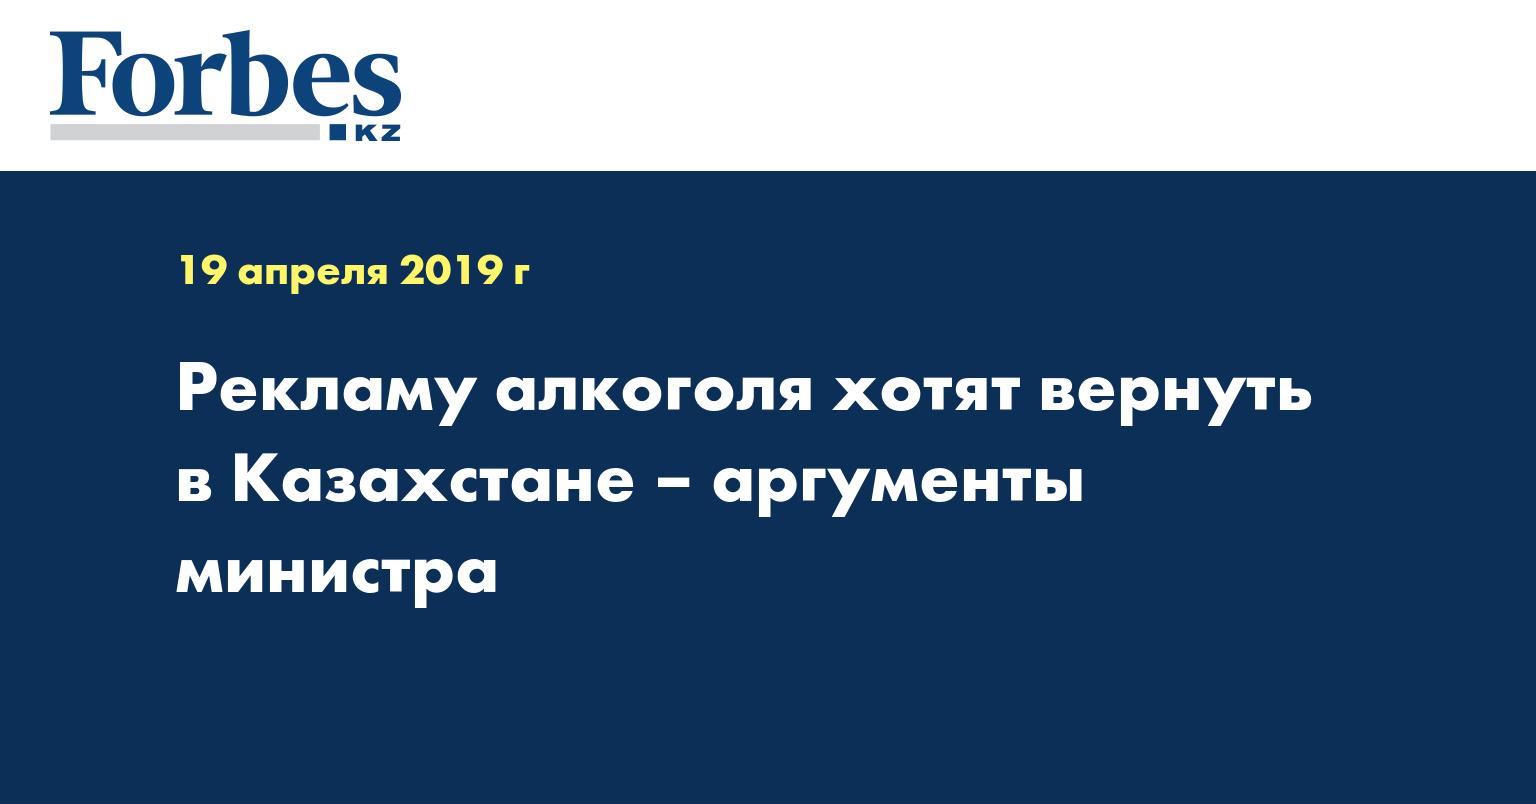 Рекламу алкоголя хотят вернуть в Казахстане – аргументы министра